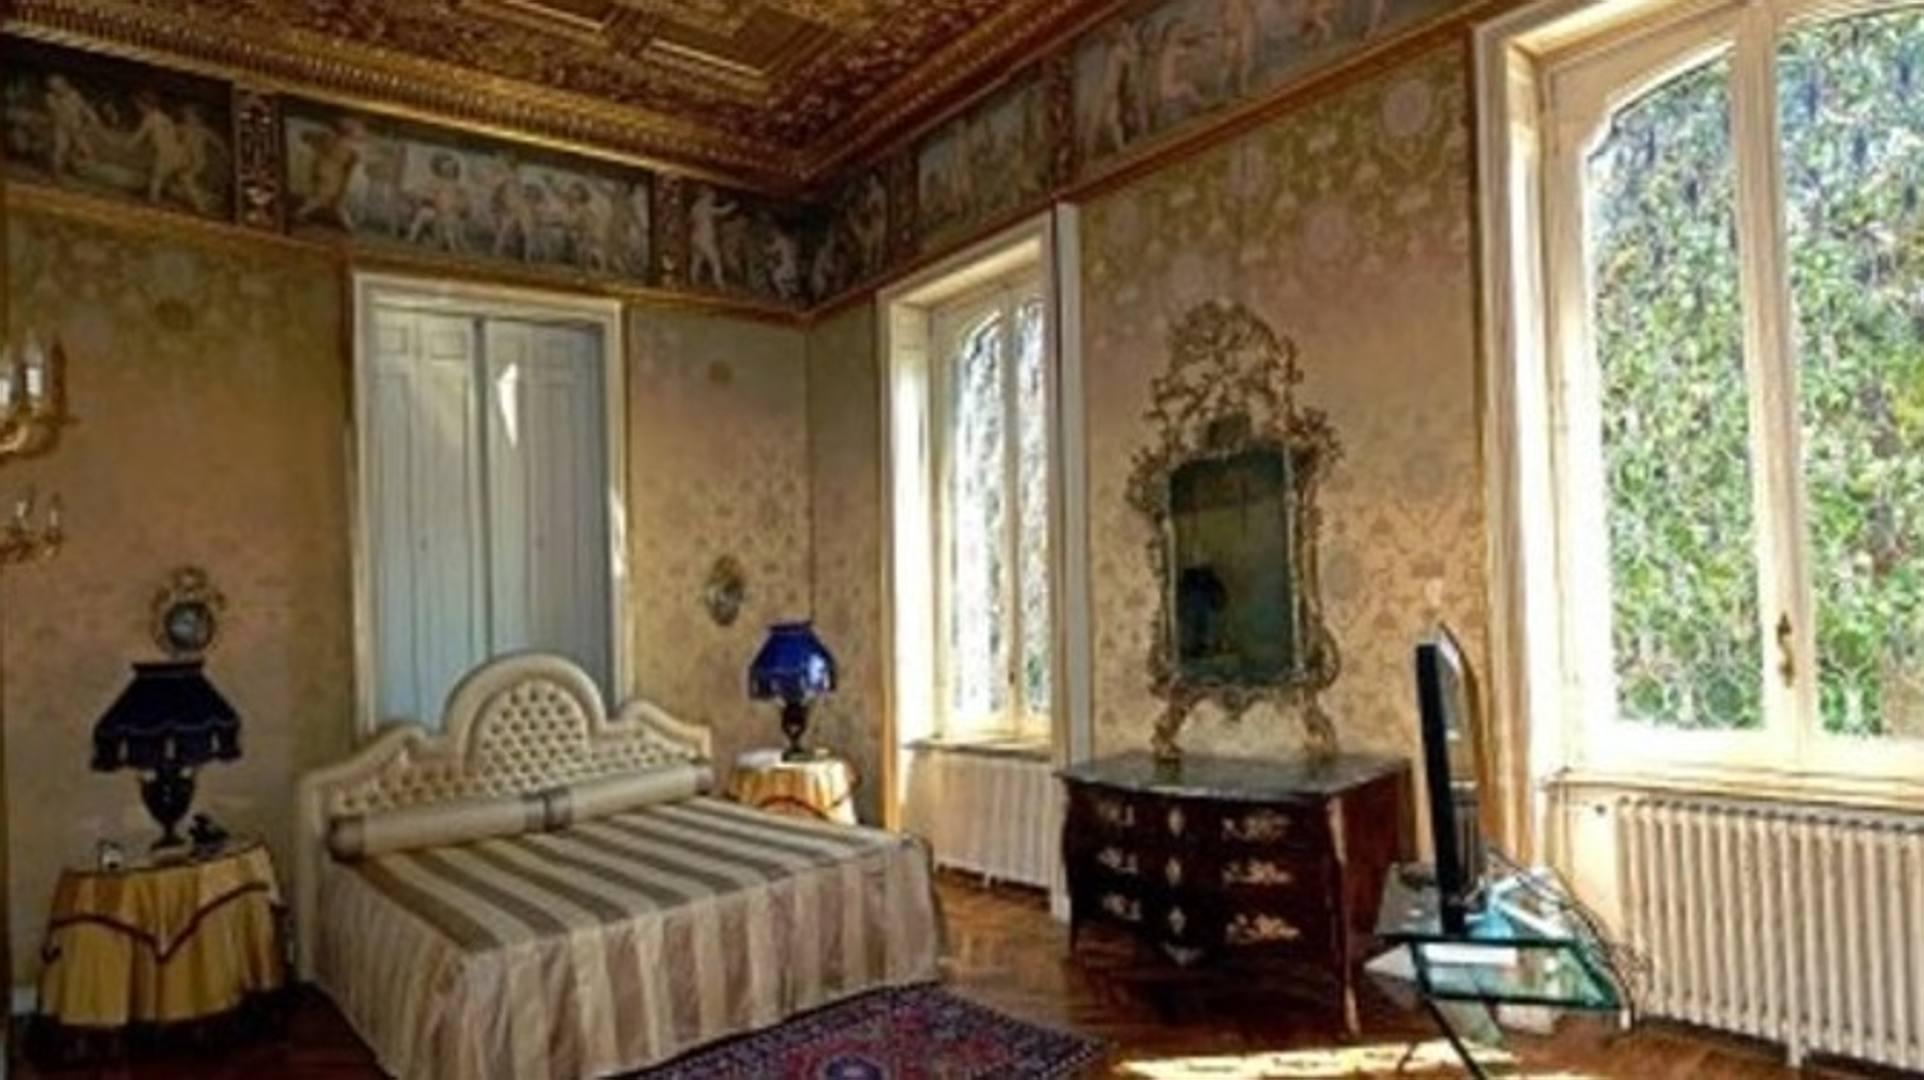 Higuain lusso e sfarzo a torino ecco la sua la for Foto di case antiche